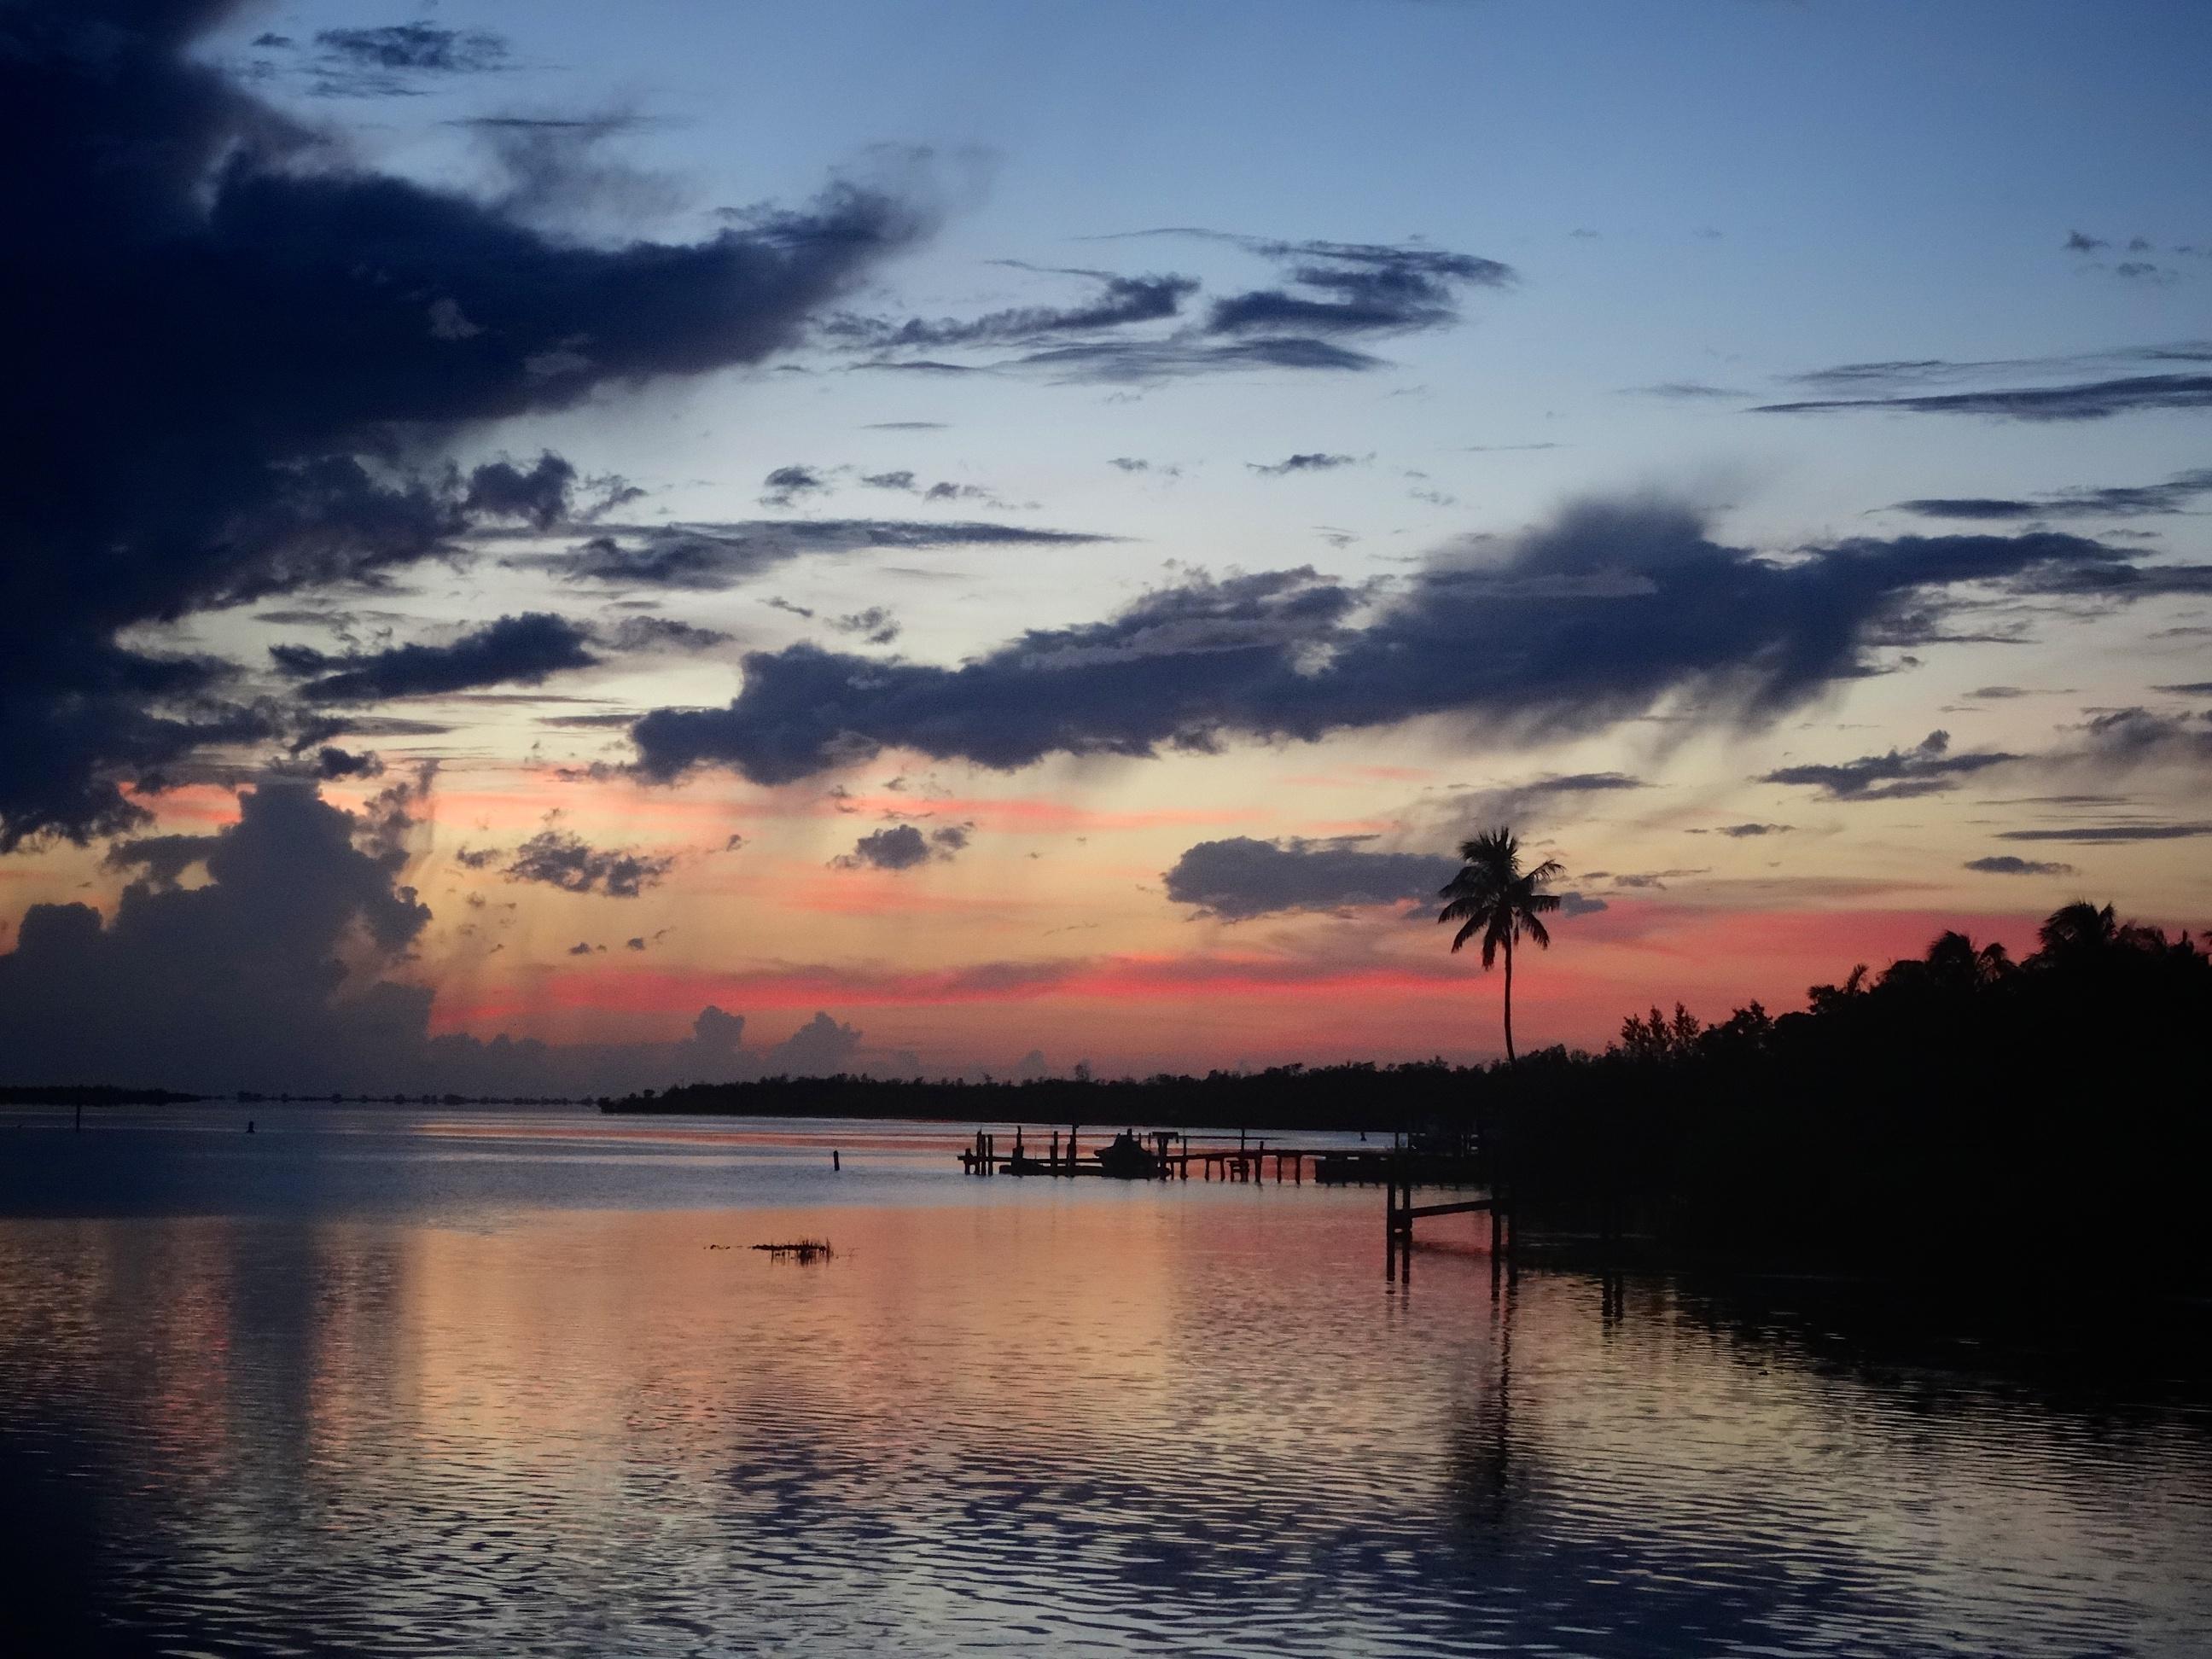 デスクトップ壁紙 風景 日没 湖 海岸 反射 日の出 落ち着いた 青 イブニング 川 写真家 地平線 雰囲気 トップレス 夕暮れ Google ヌード トワイライト ペントハウス Yahoo 雲 木 曇った 天気 夜明け チェリー 海洋 ホット 貯水池 Db